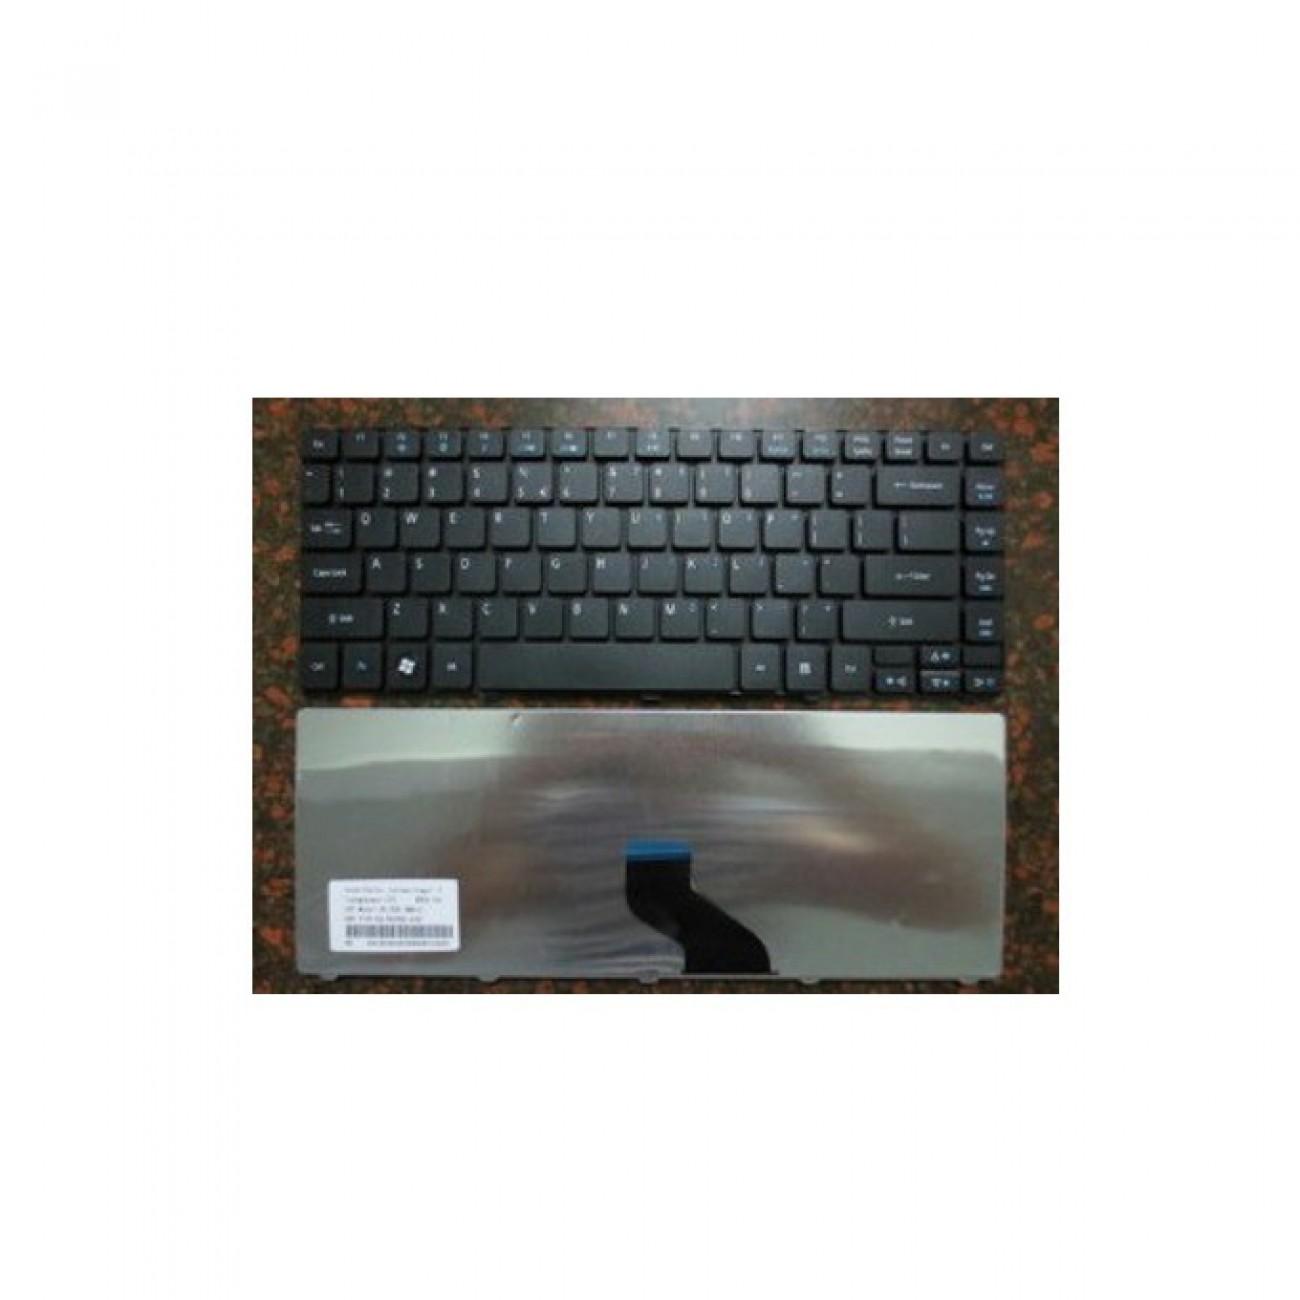 Клавиатура за Acer Aspire E1-431, съвместима с E1-471/E1-471G, Black, US в Резервни части -  | Alleop